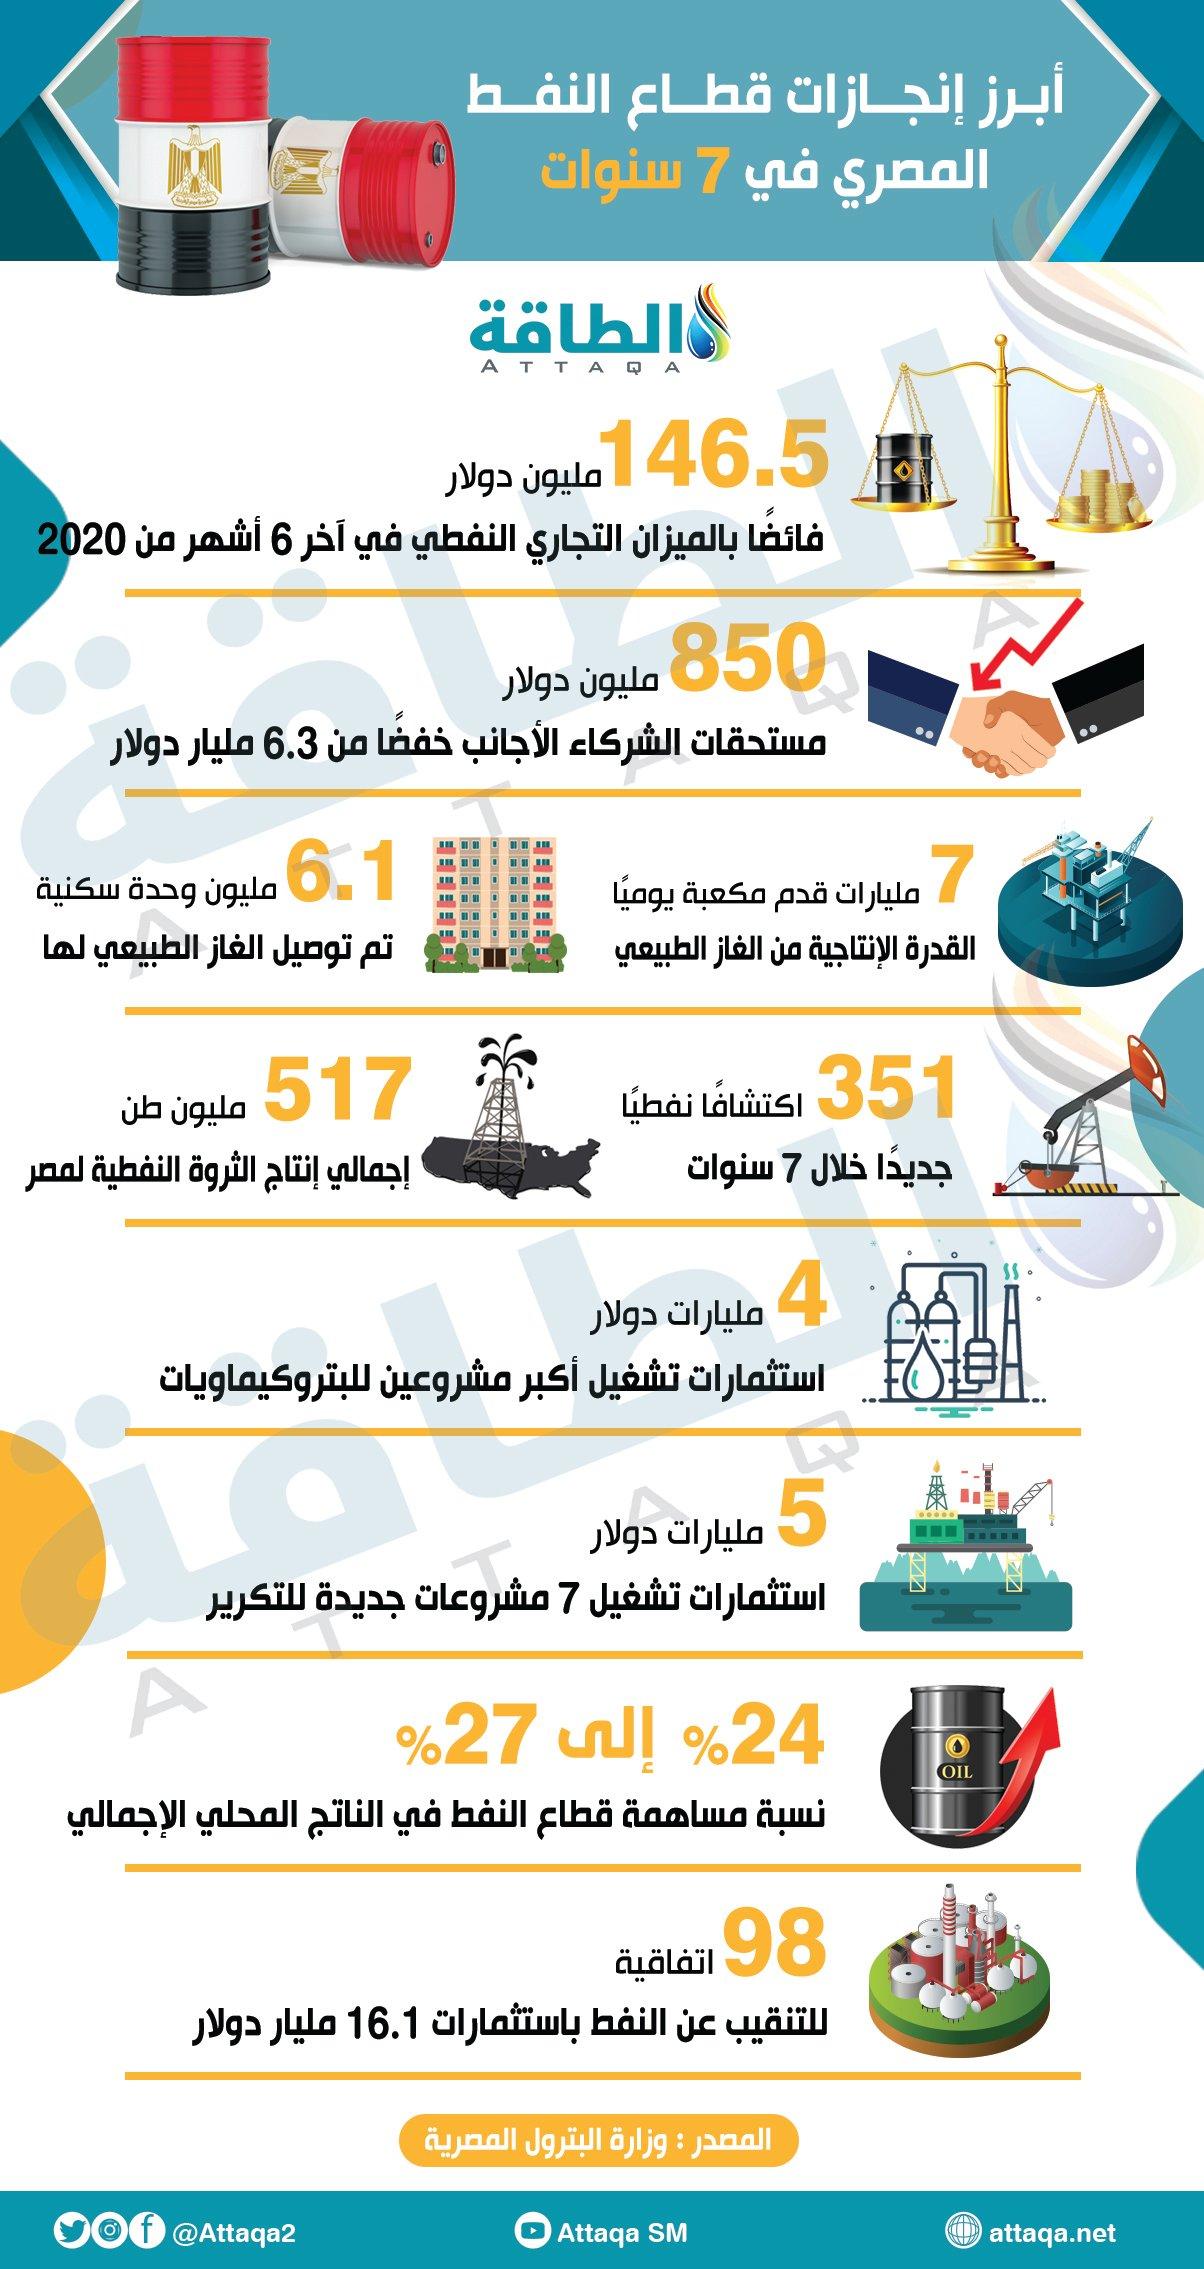 النفط - مصر